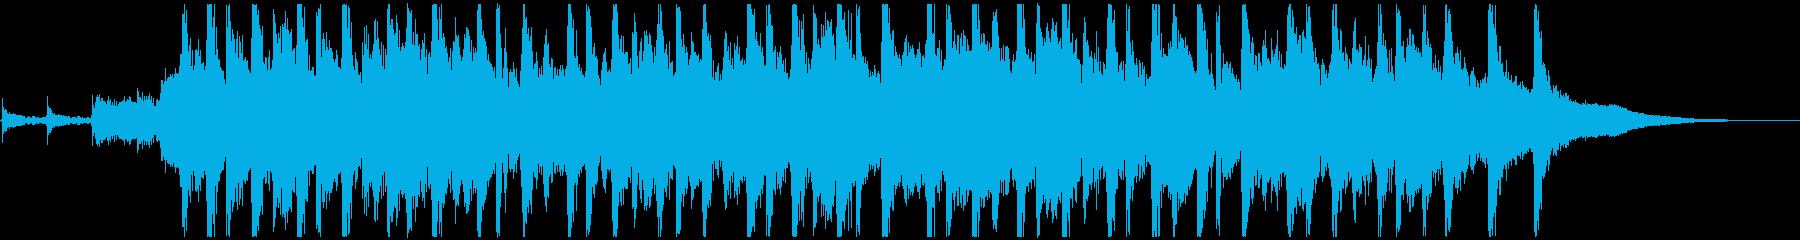 ピッチカート 可愛いマリンバ ジングルCの再生済みの波形